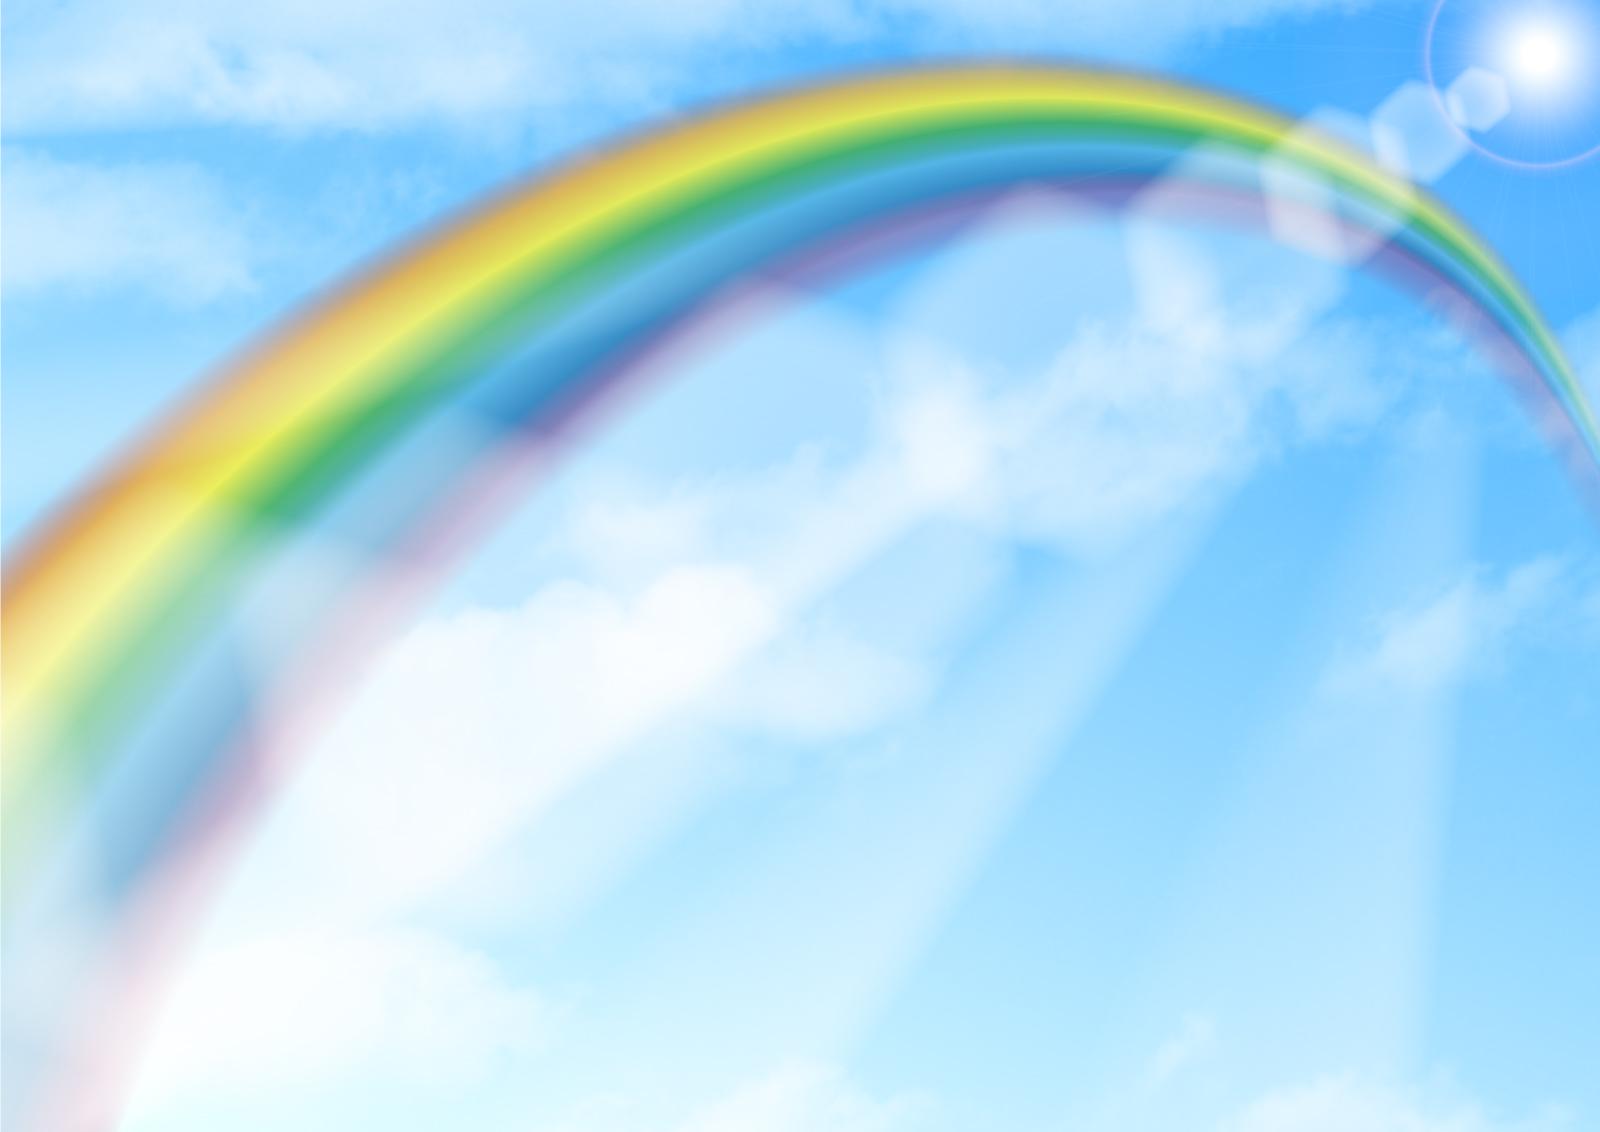 PLフィルターで反射を目立たせて虹の撮影